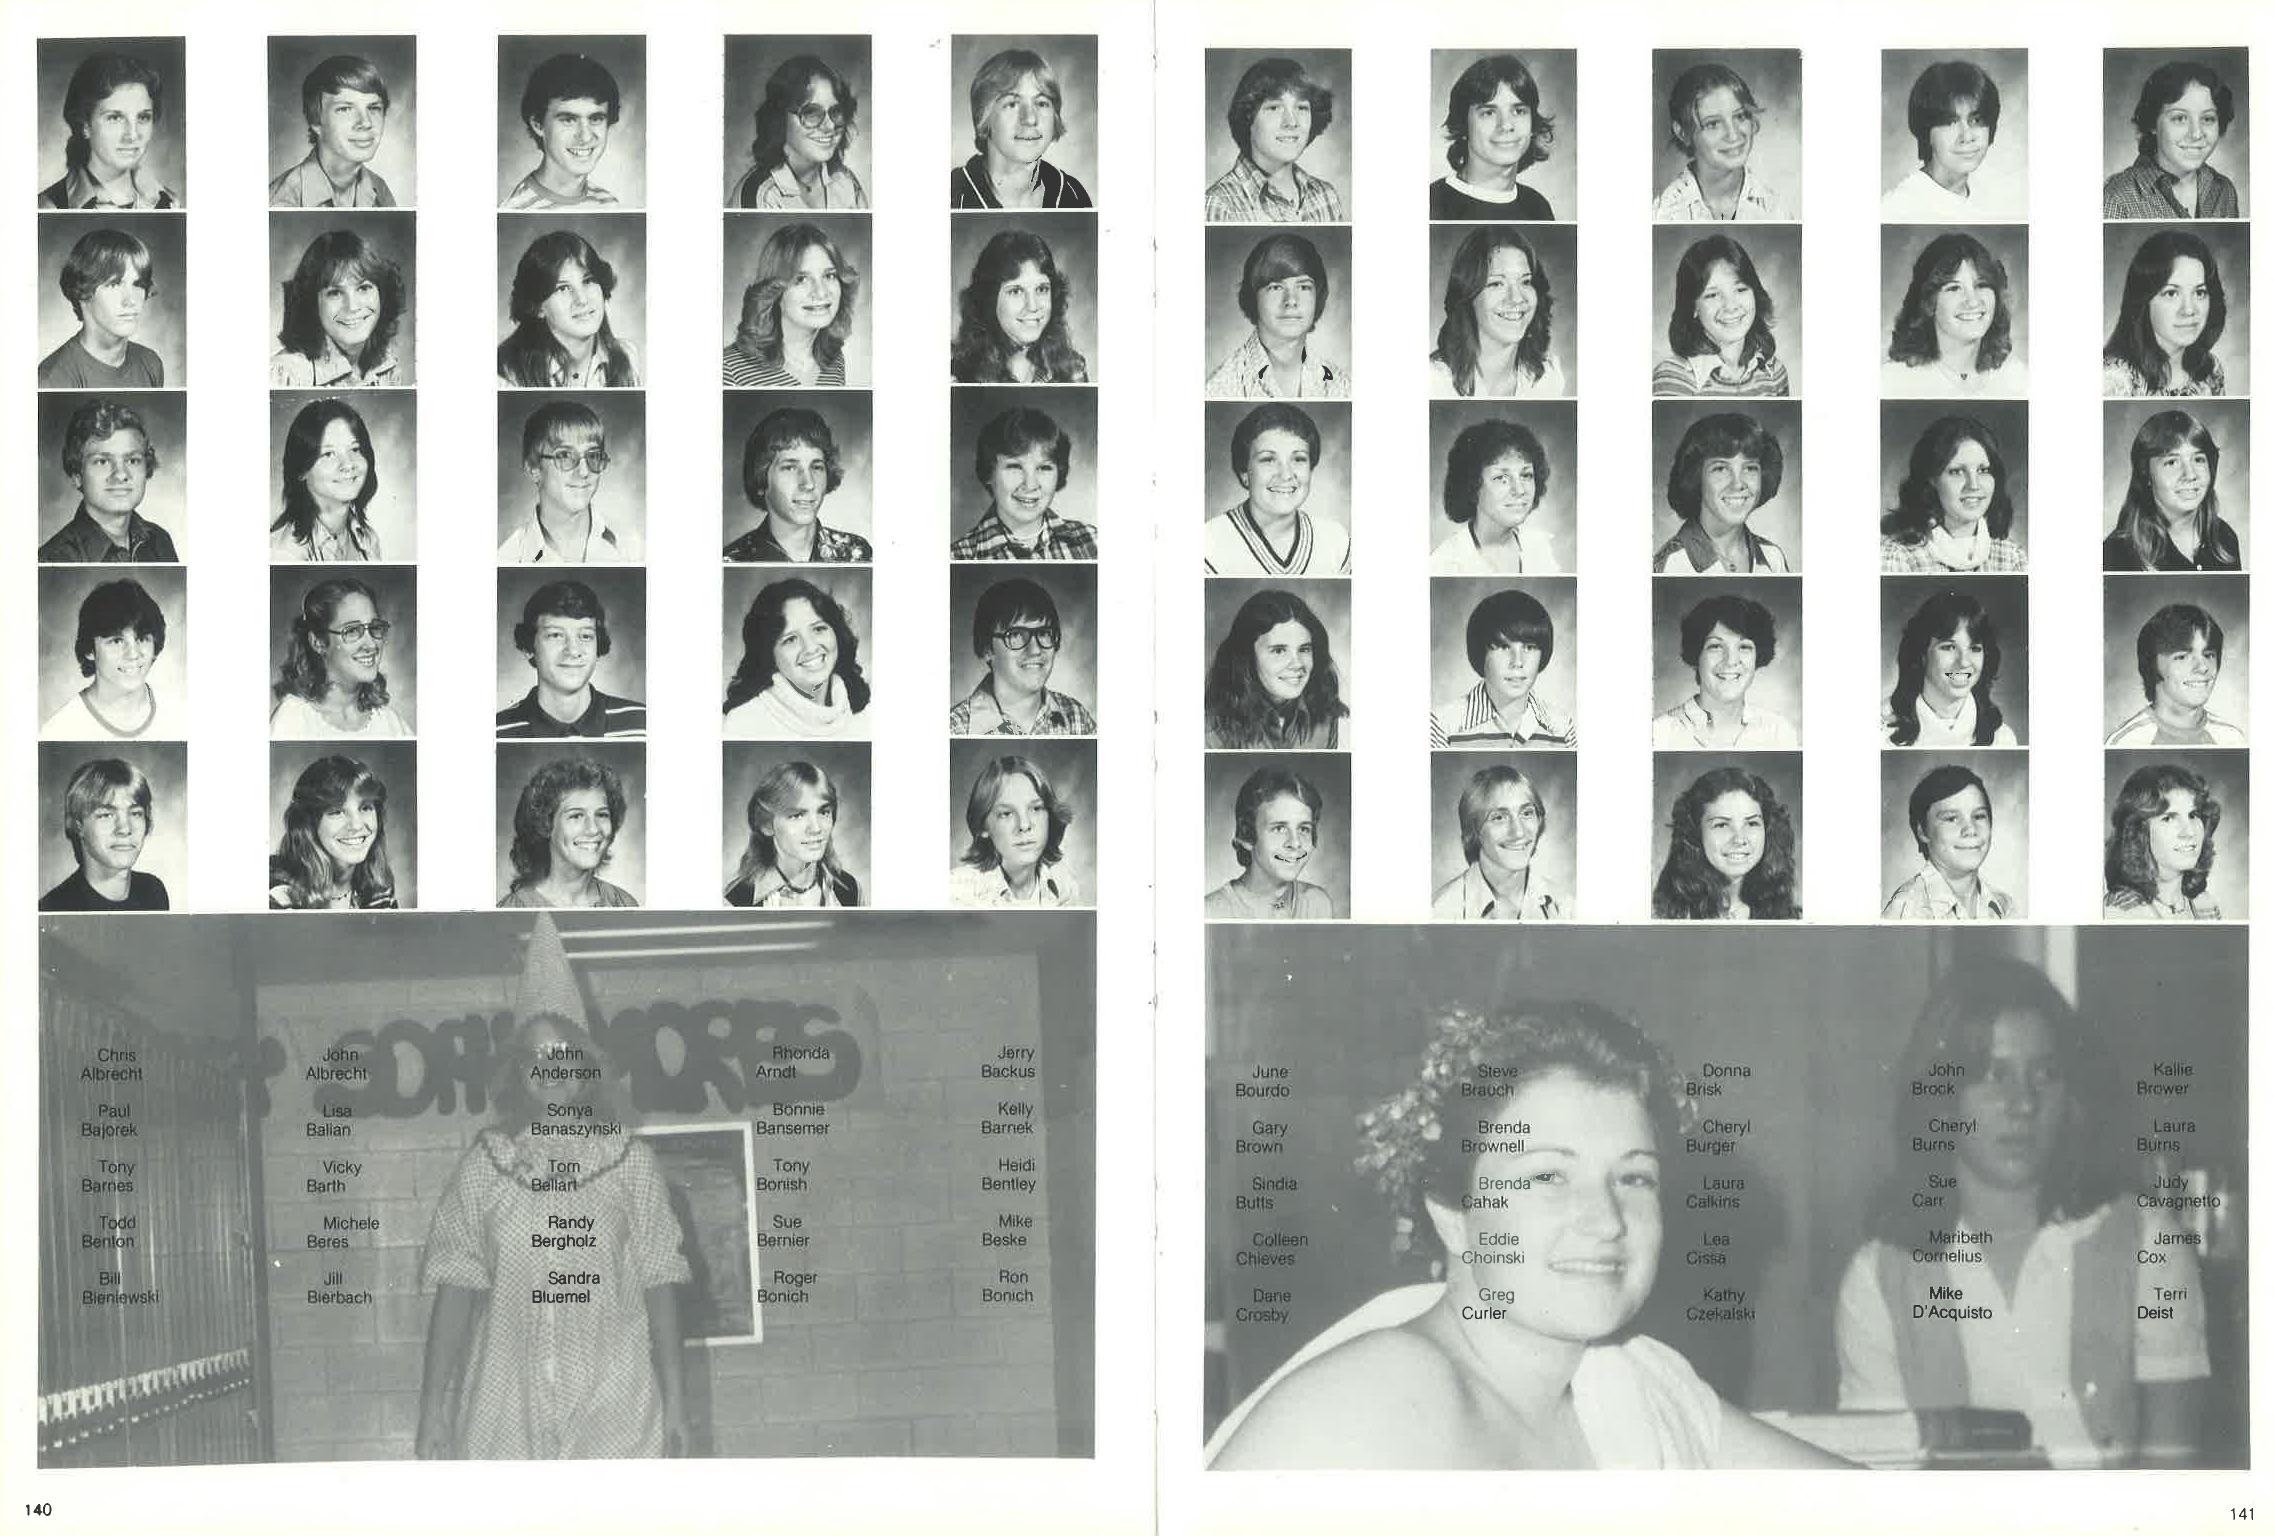 1979_Yearbook_132.jpg